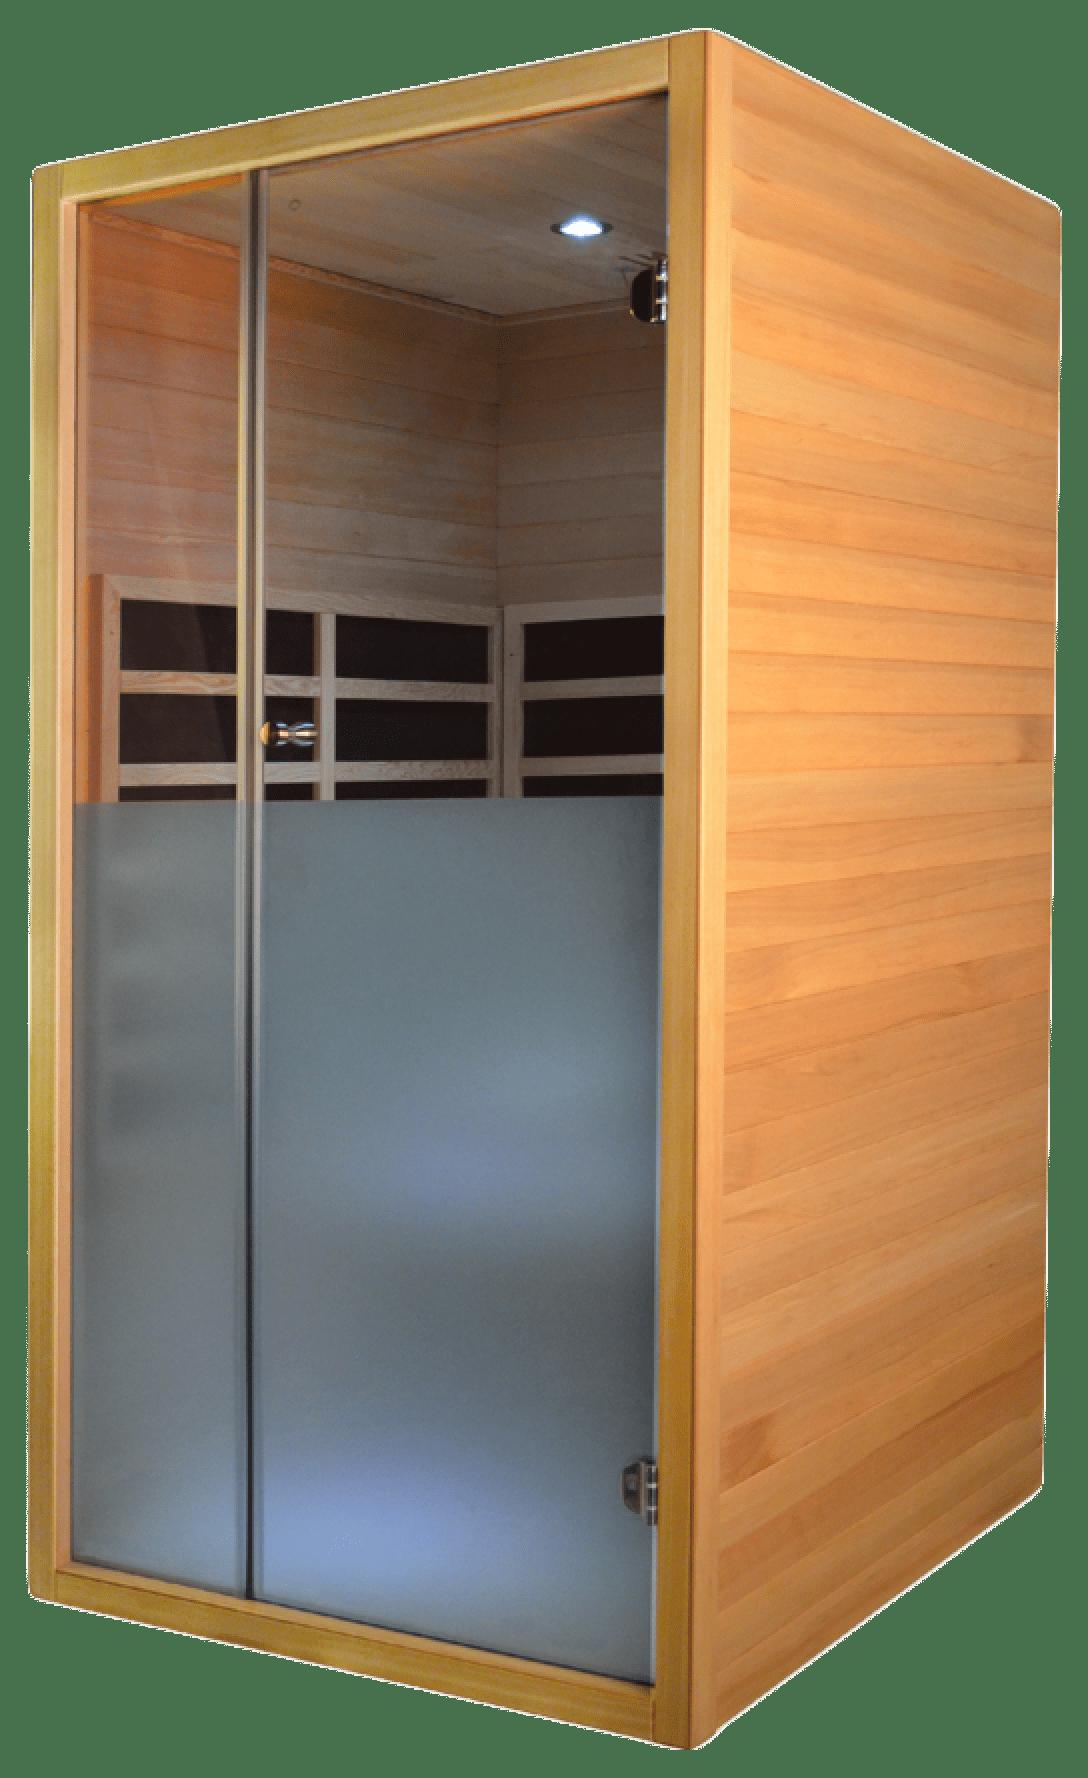 Superior Saunas Solis 1 person sauna